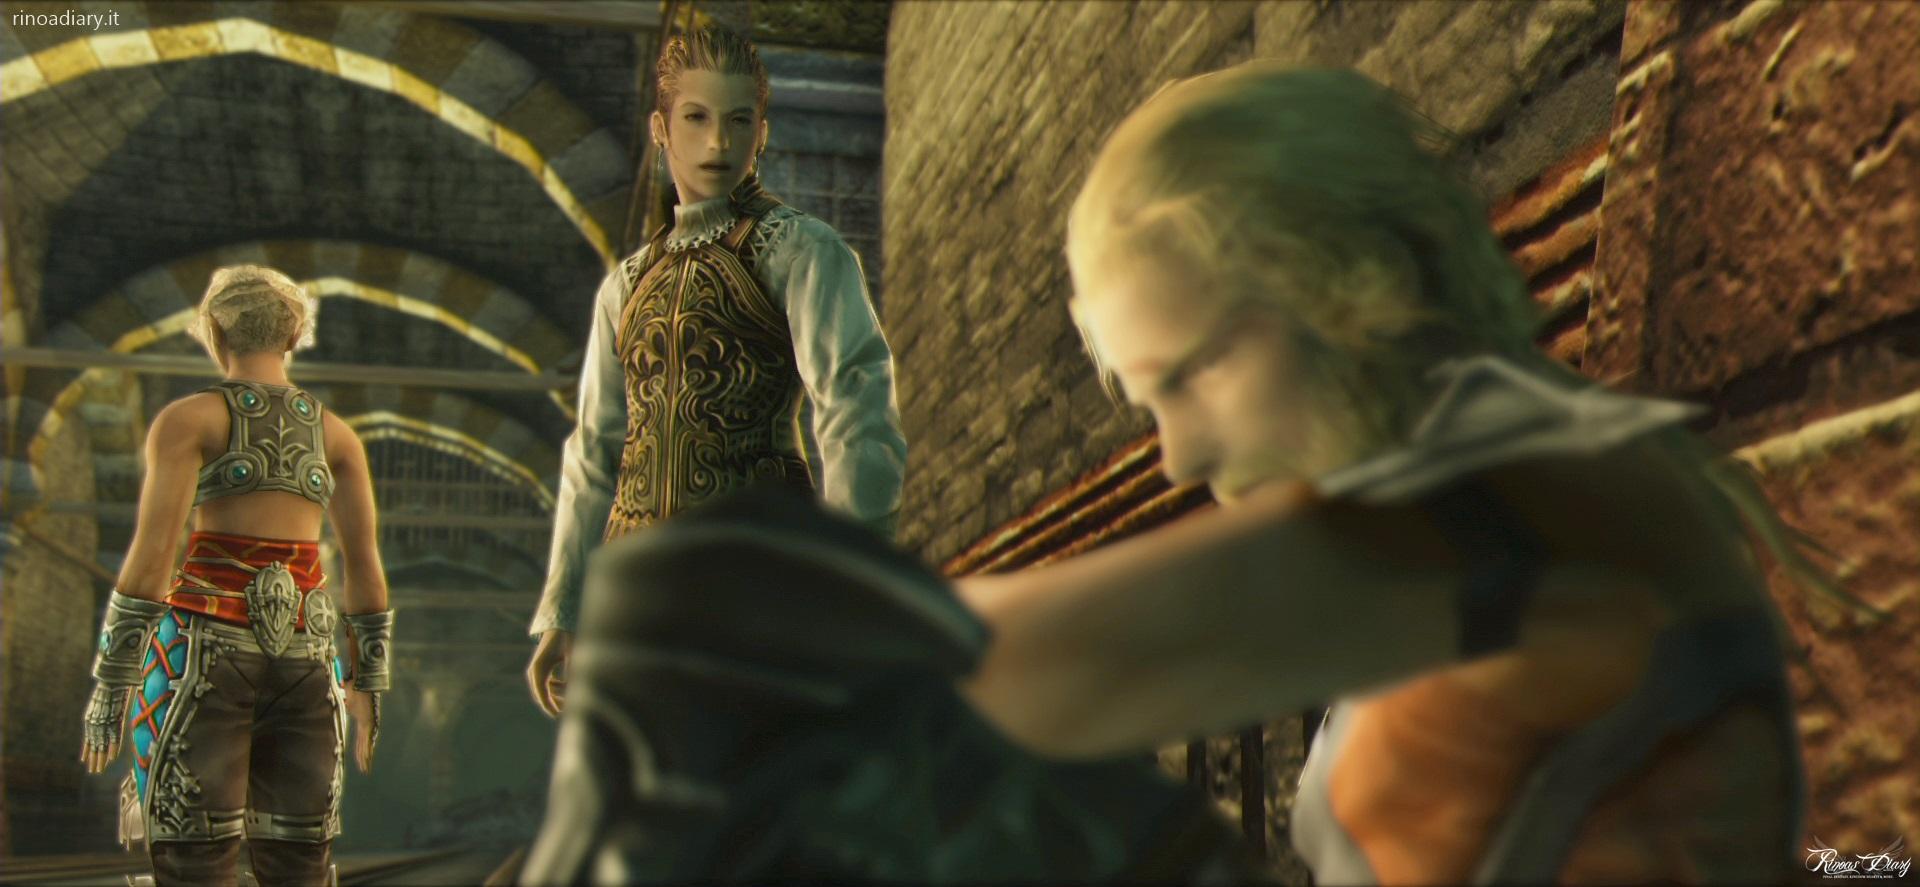 2 nuovi video promozionali per Final Fantasy XII: The Zodiac Age e la sua OST!